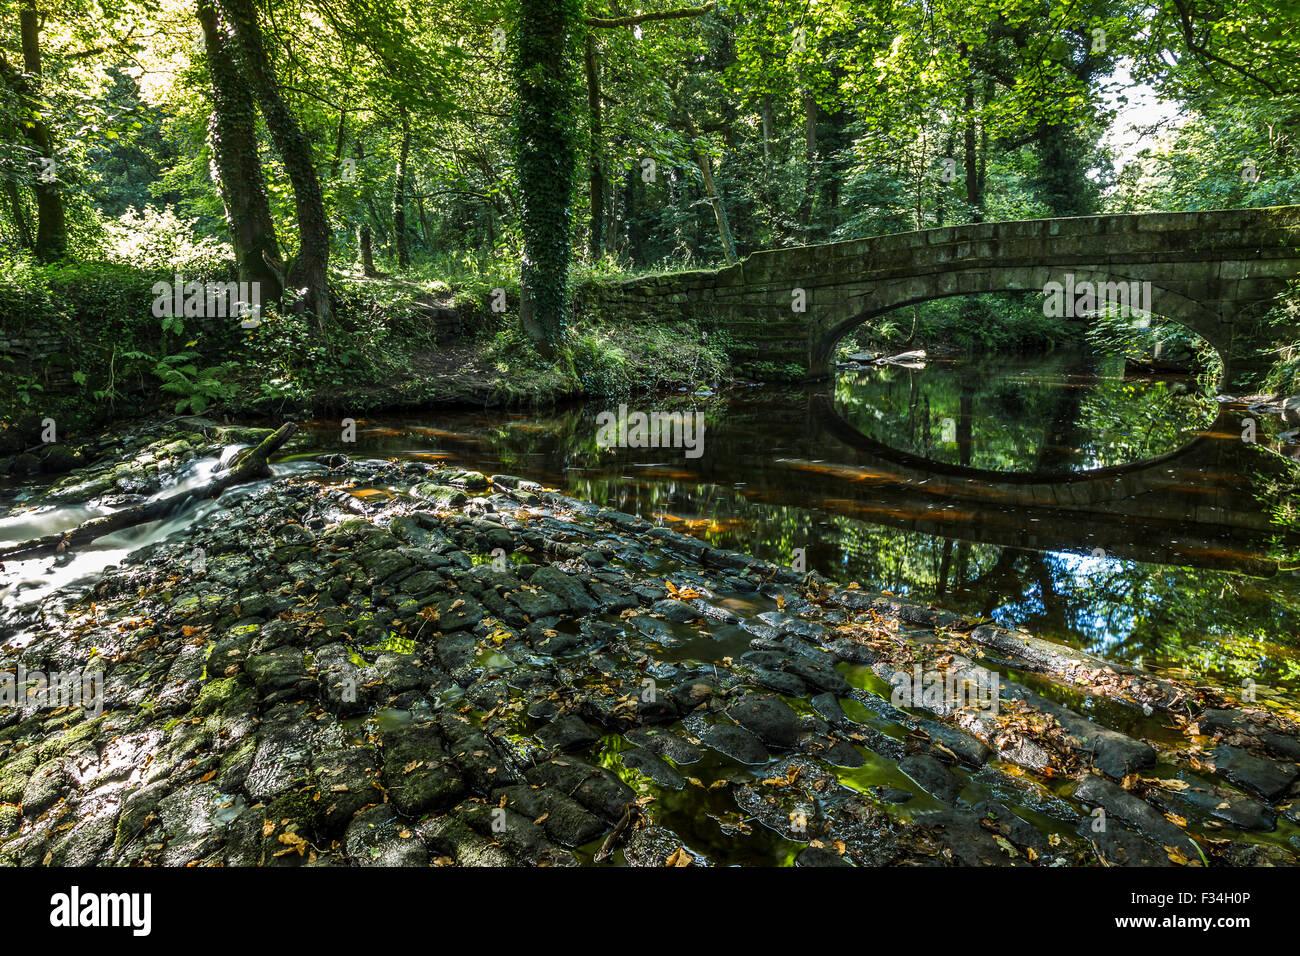 Pont sur la rivière près de Sheffield Rivelin. Banque D'Images